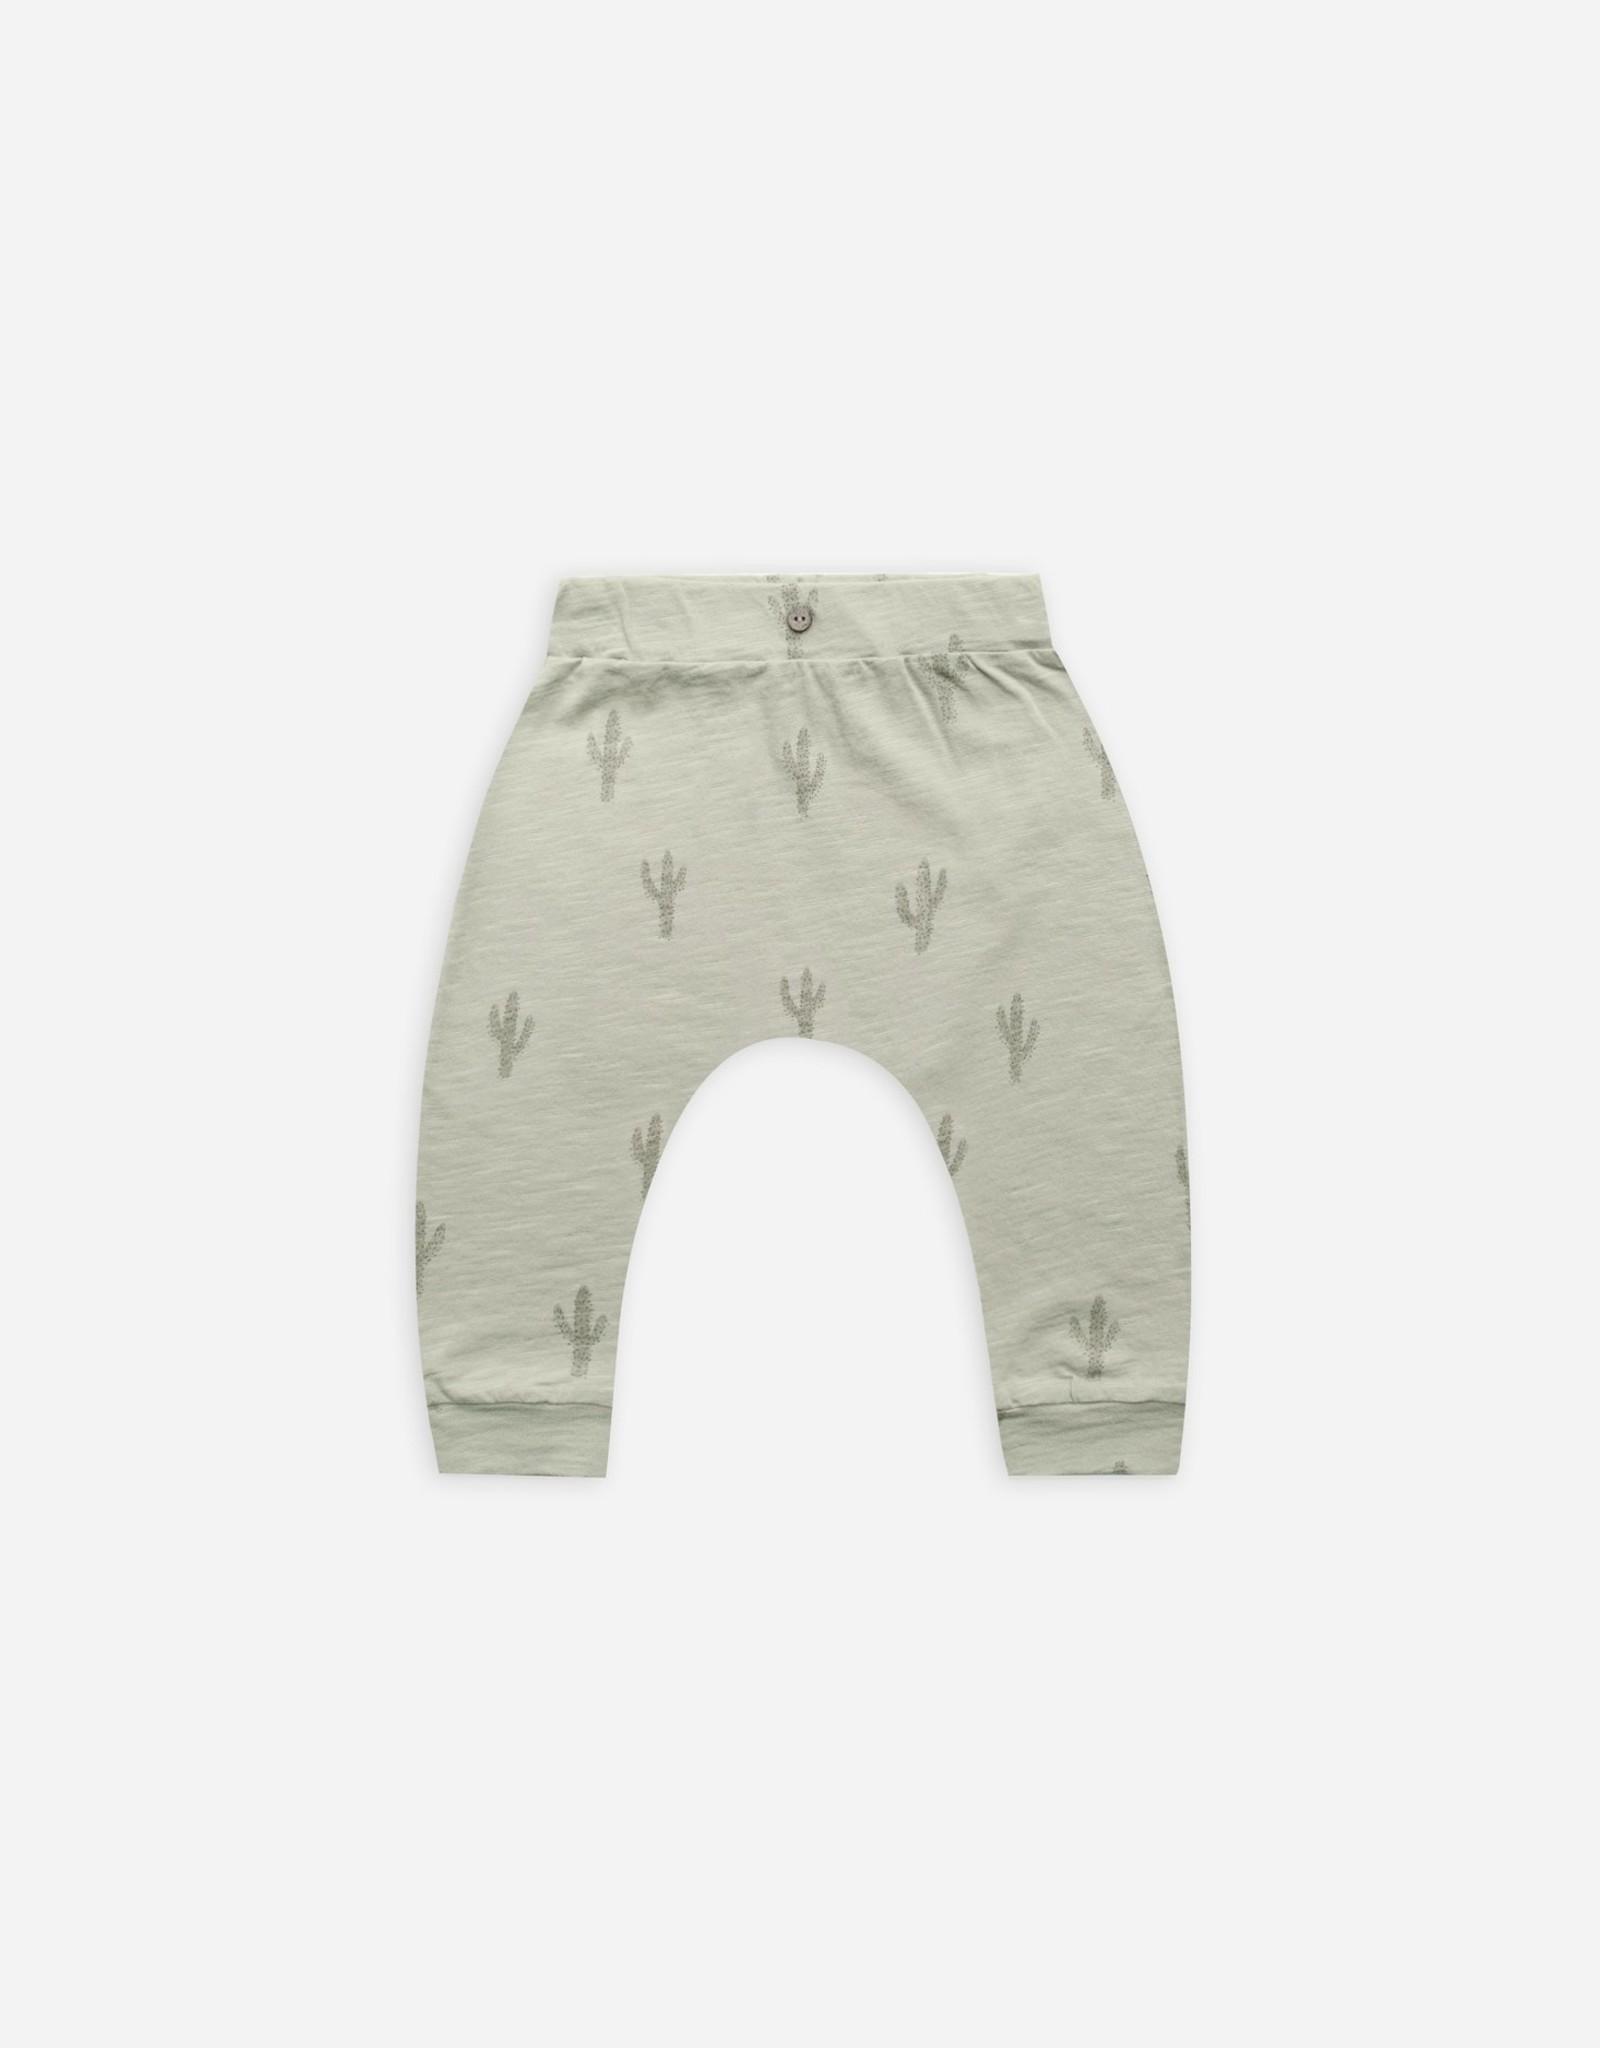 Rylee & Cru Rylee & Cru Slouch Pants